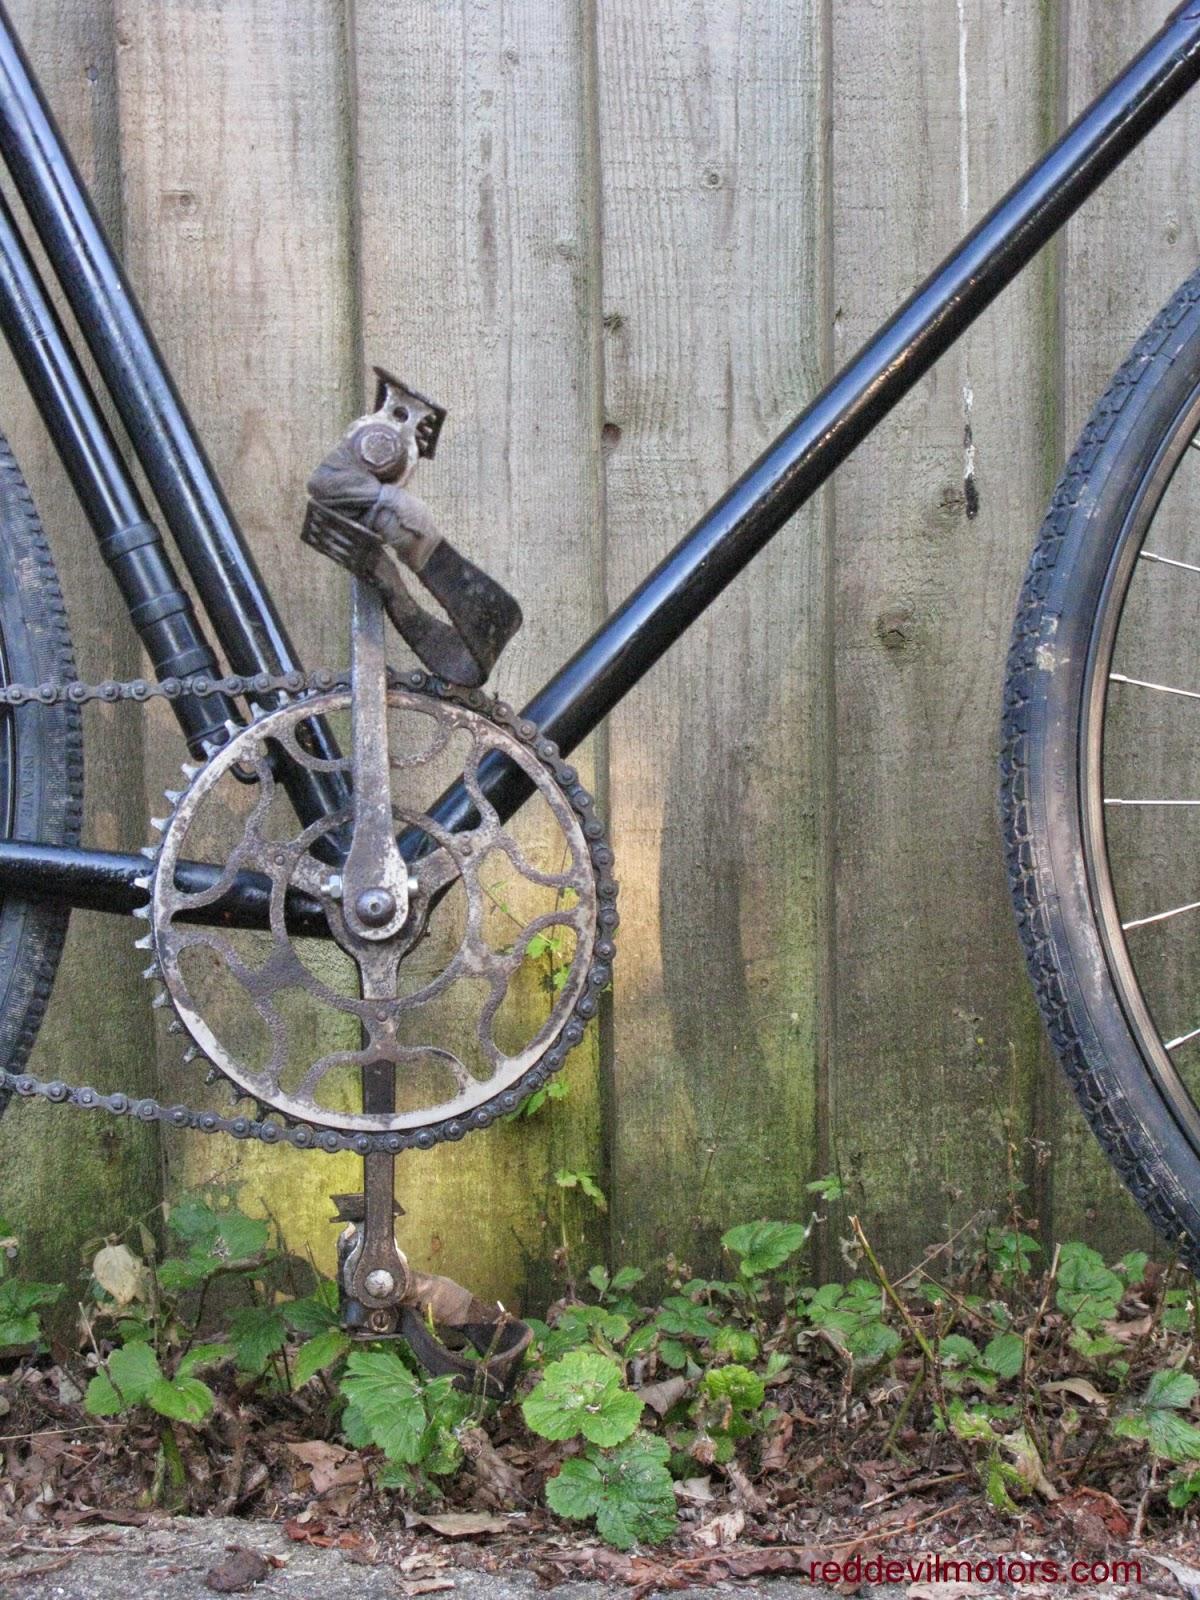 james racing bicycle twenties vintage